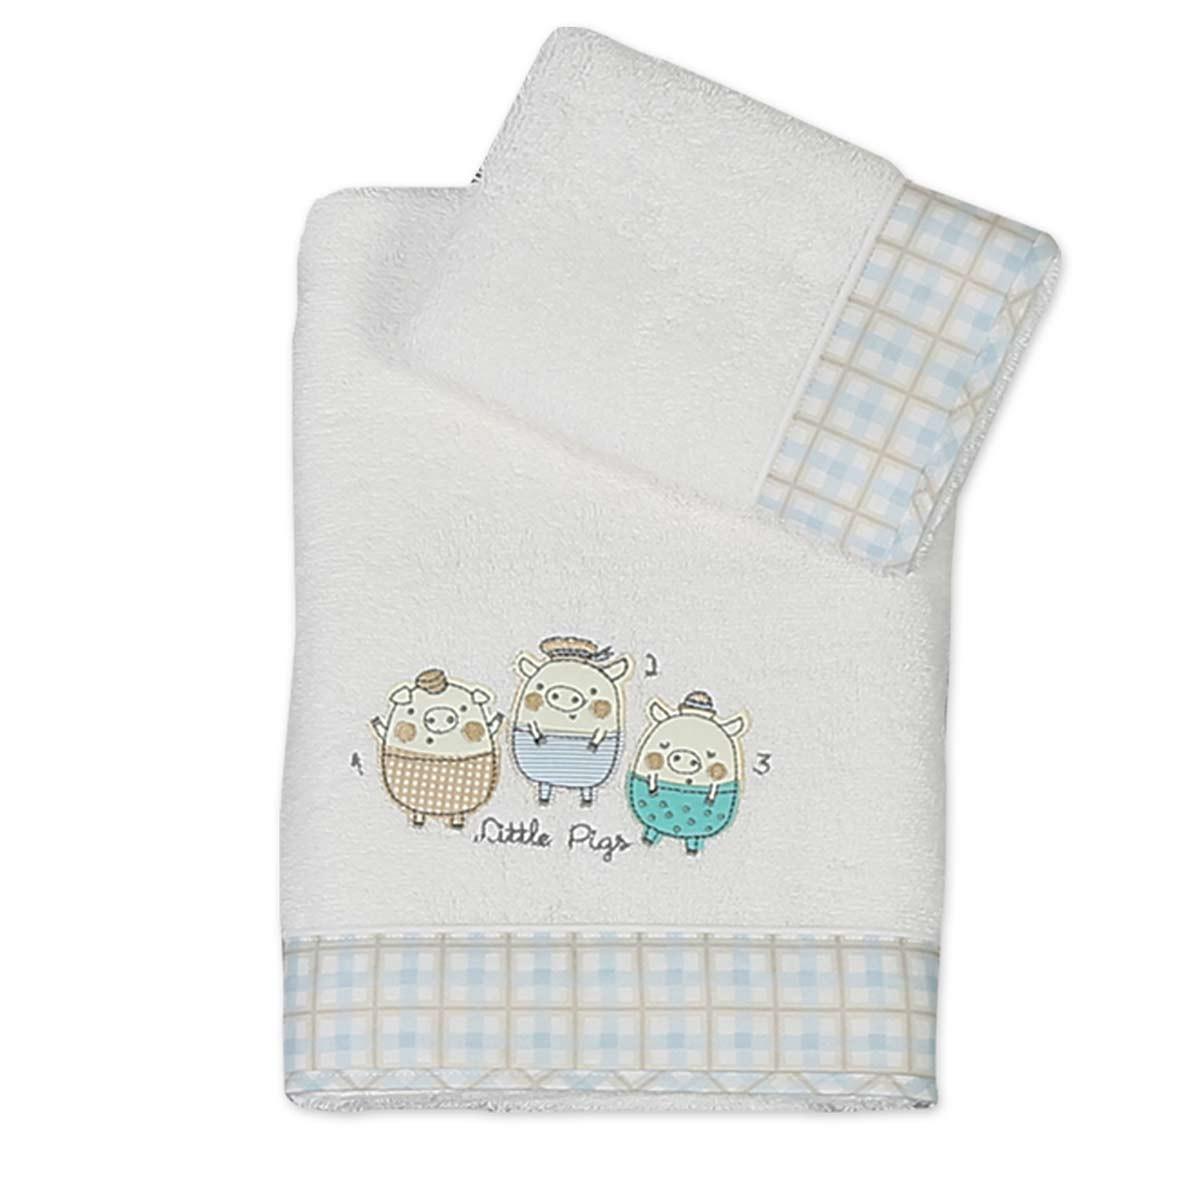 Βρεφικές Πετσέτες (Σετ 2τμχ) Nef-Nef Baby 3 Pigs